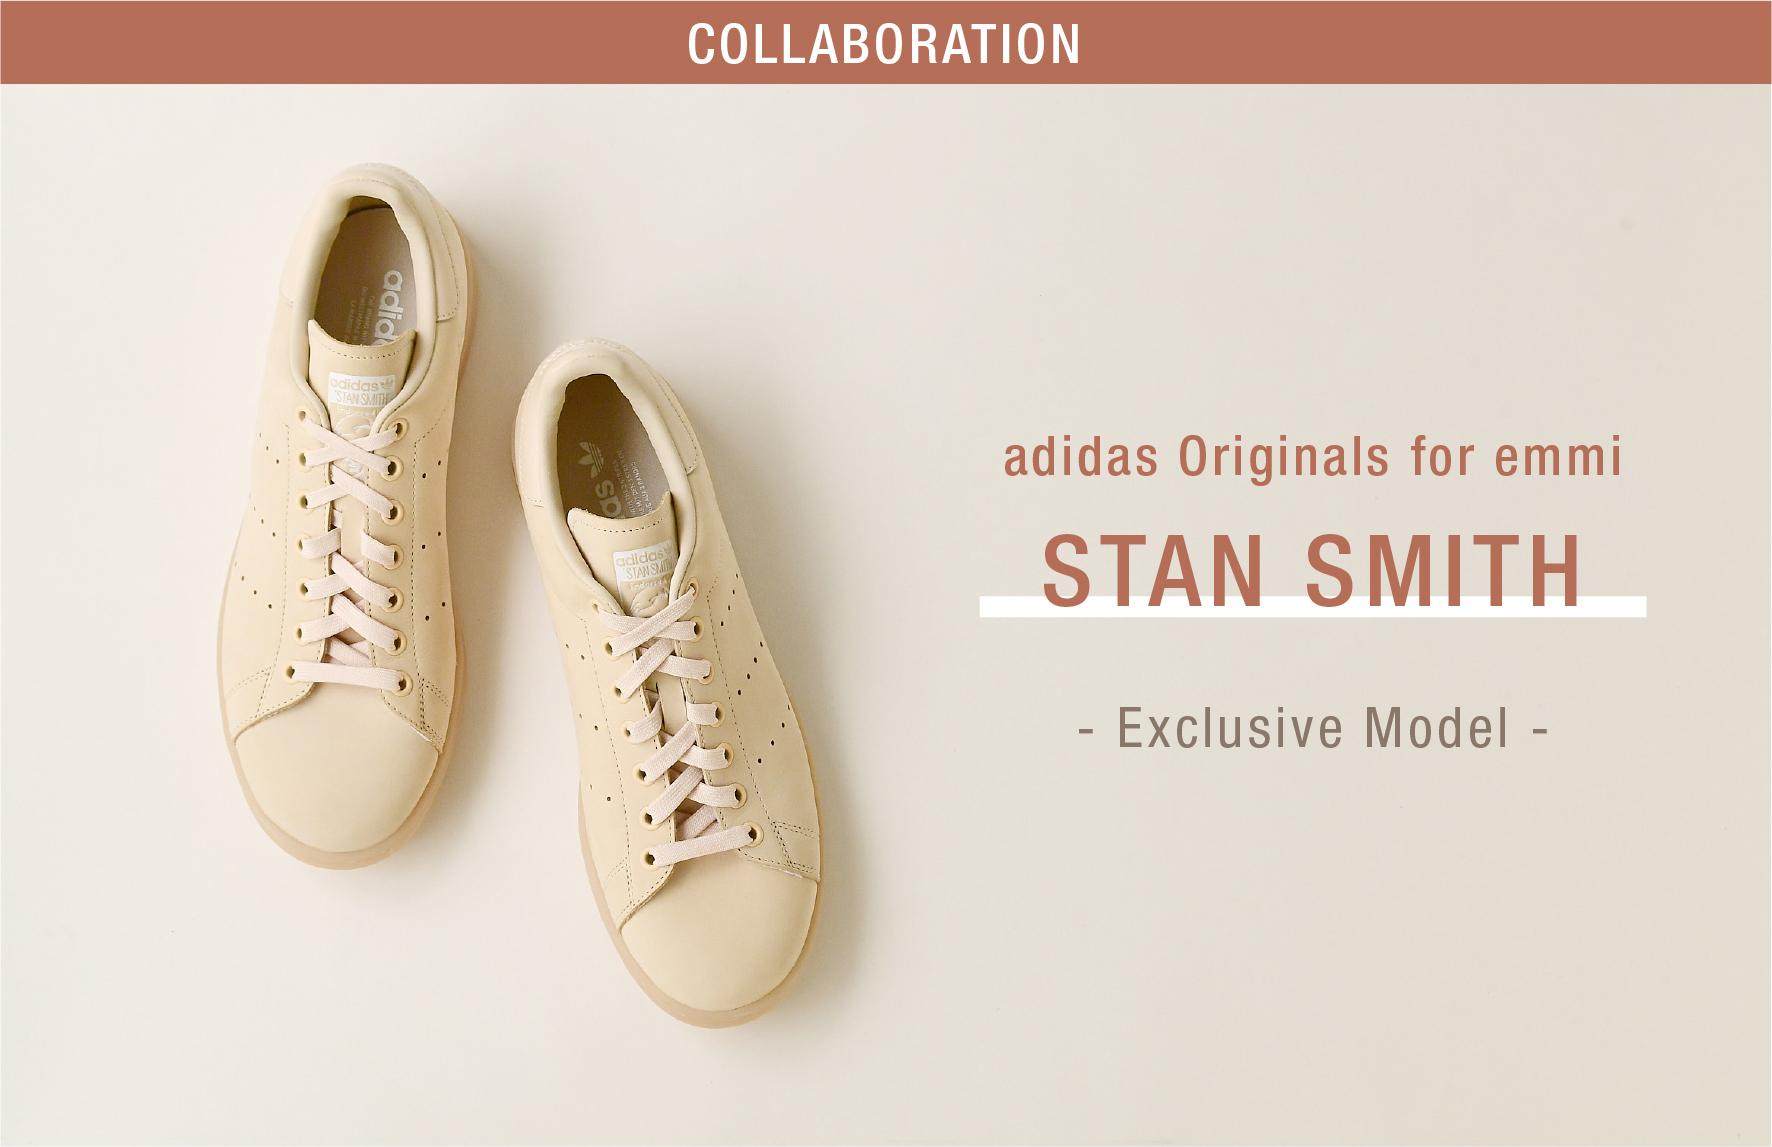 adidas Originals for emmi STAN SMITH - Exclusive Model -